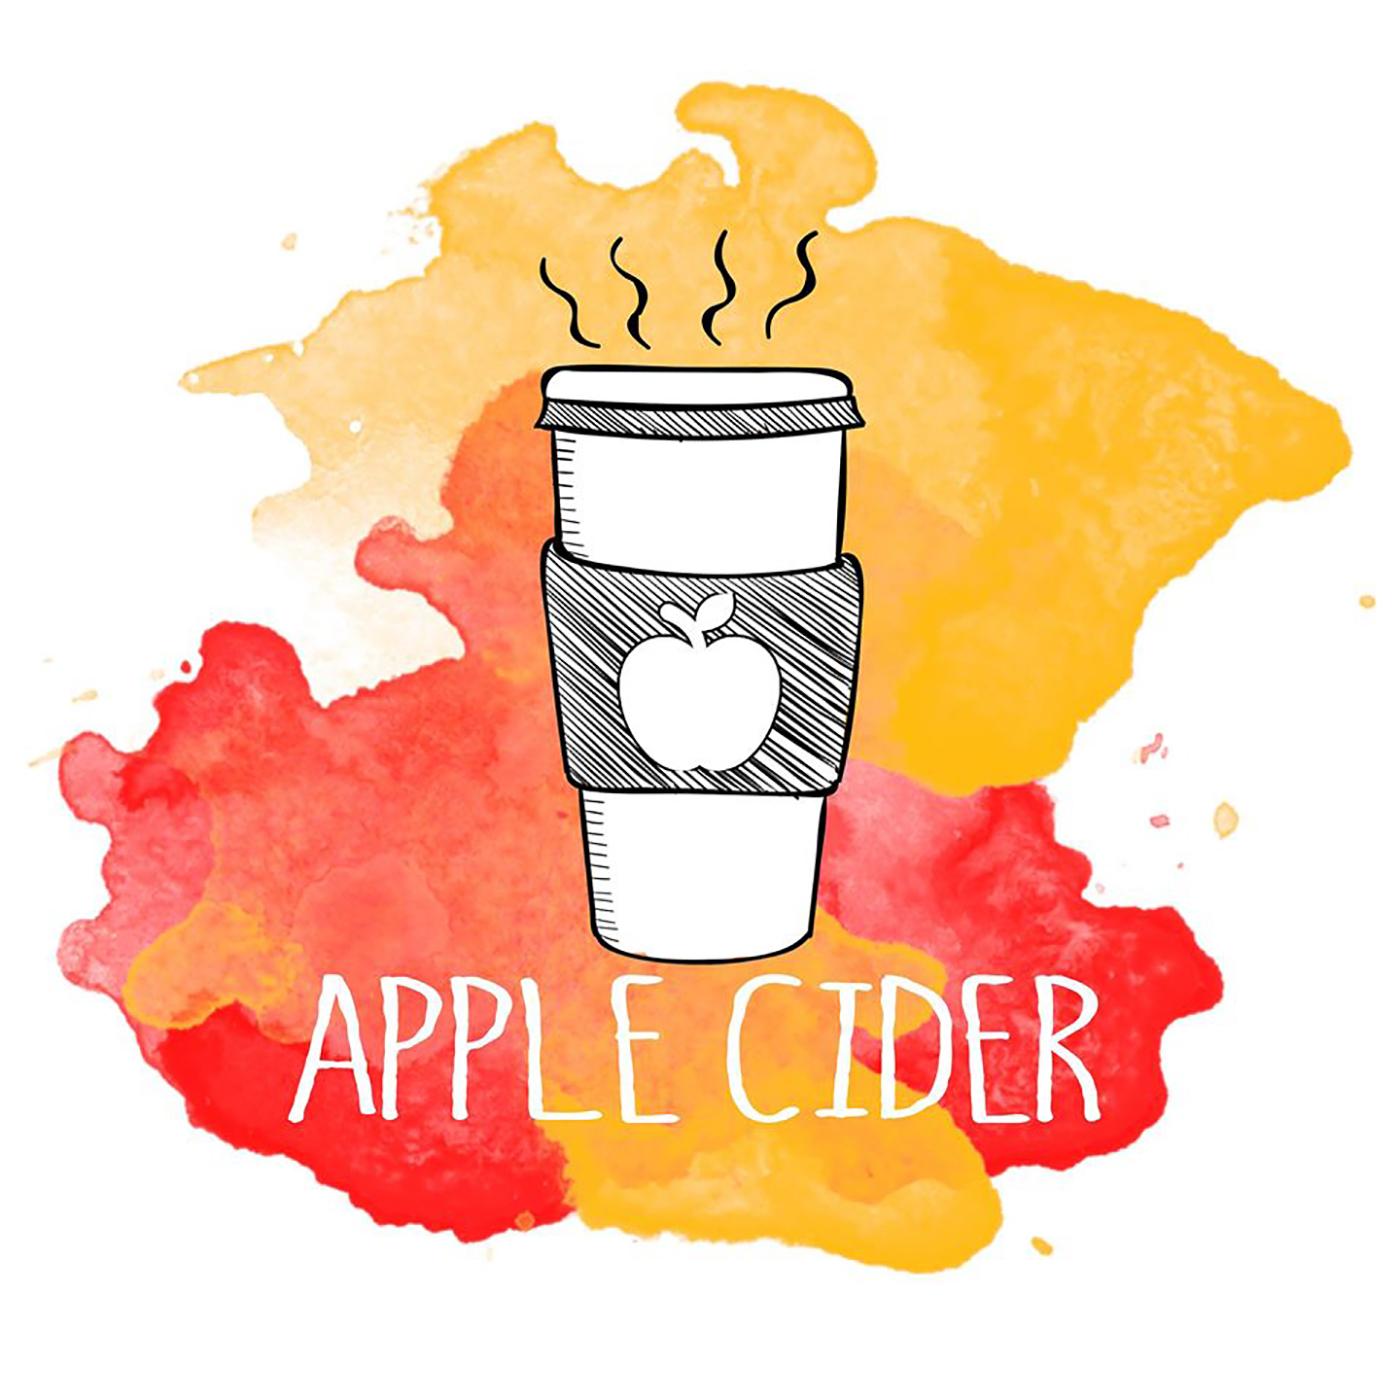 Apple Cider with Austen & Abbie